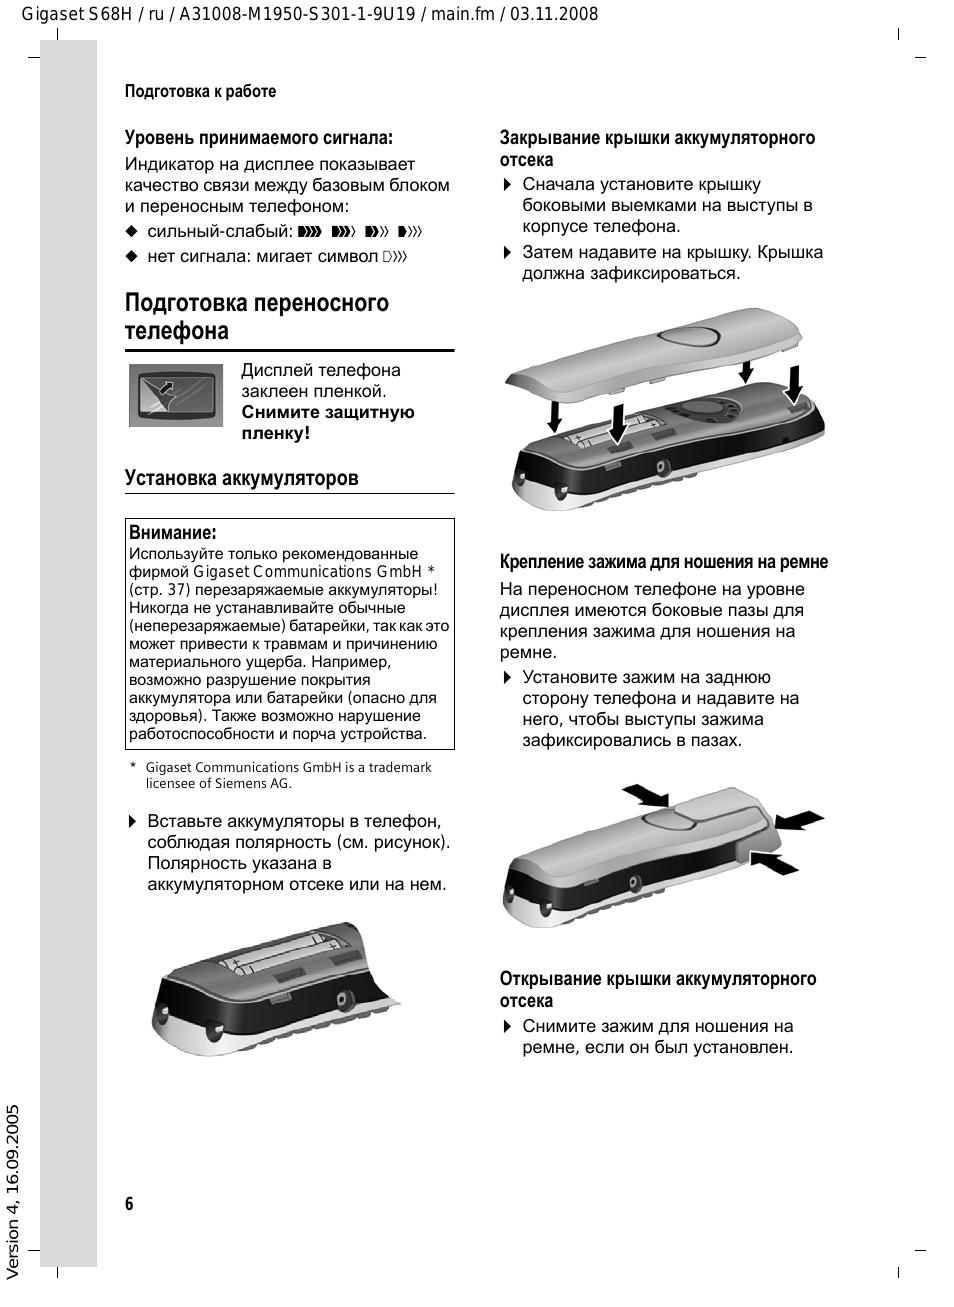 Подготовка переносного телефона, Установка аккумуляторов, Подготовка переносного телефона . 6